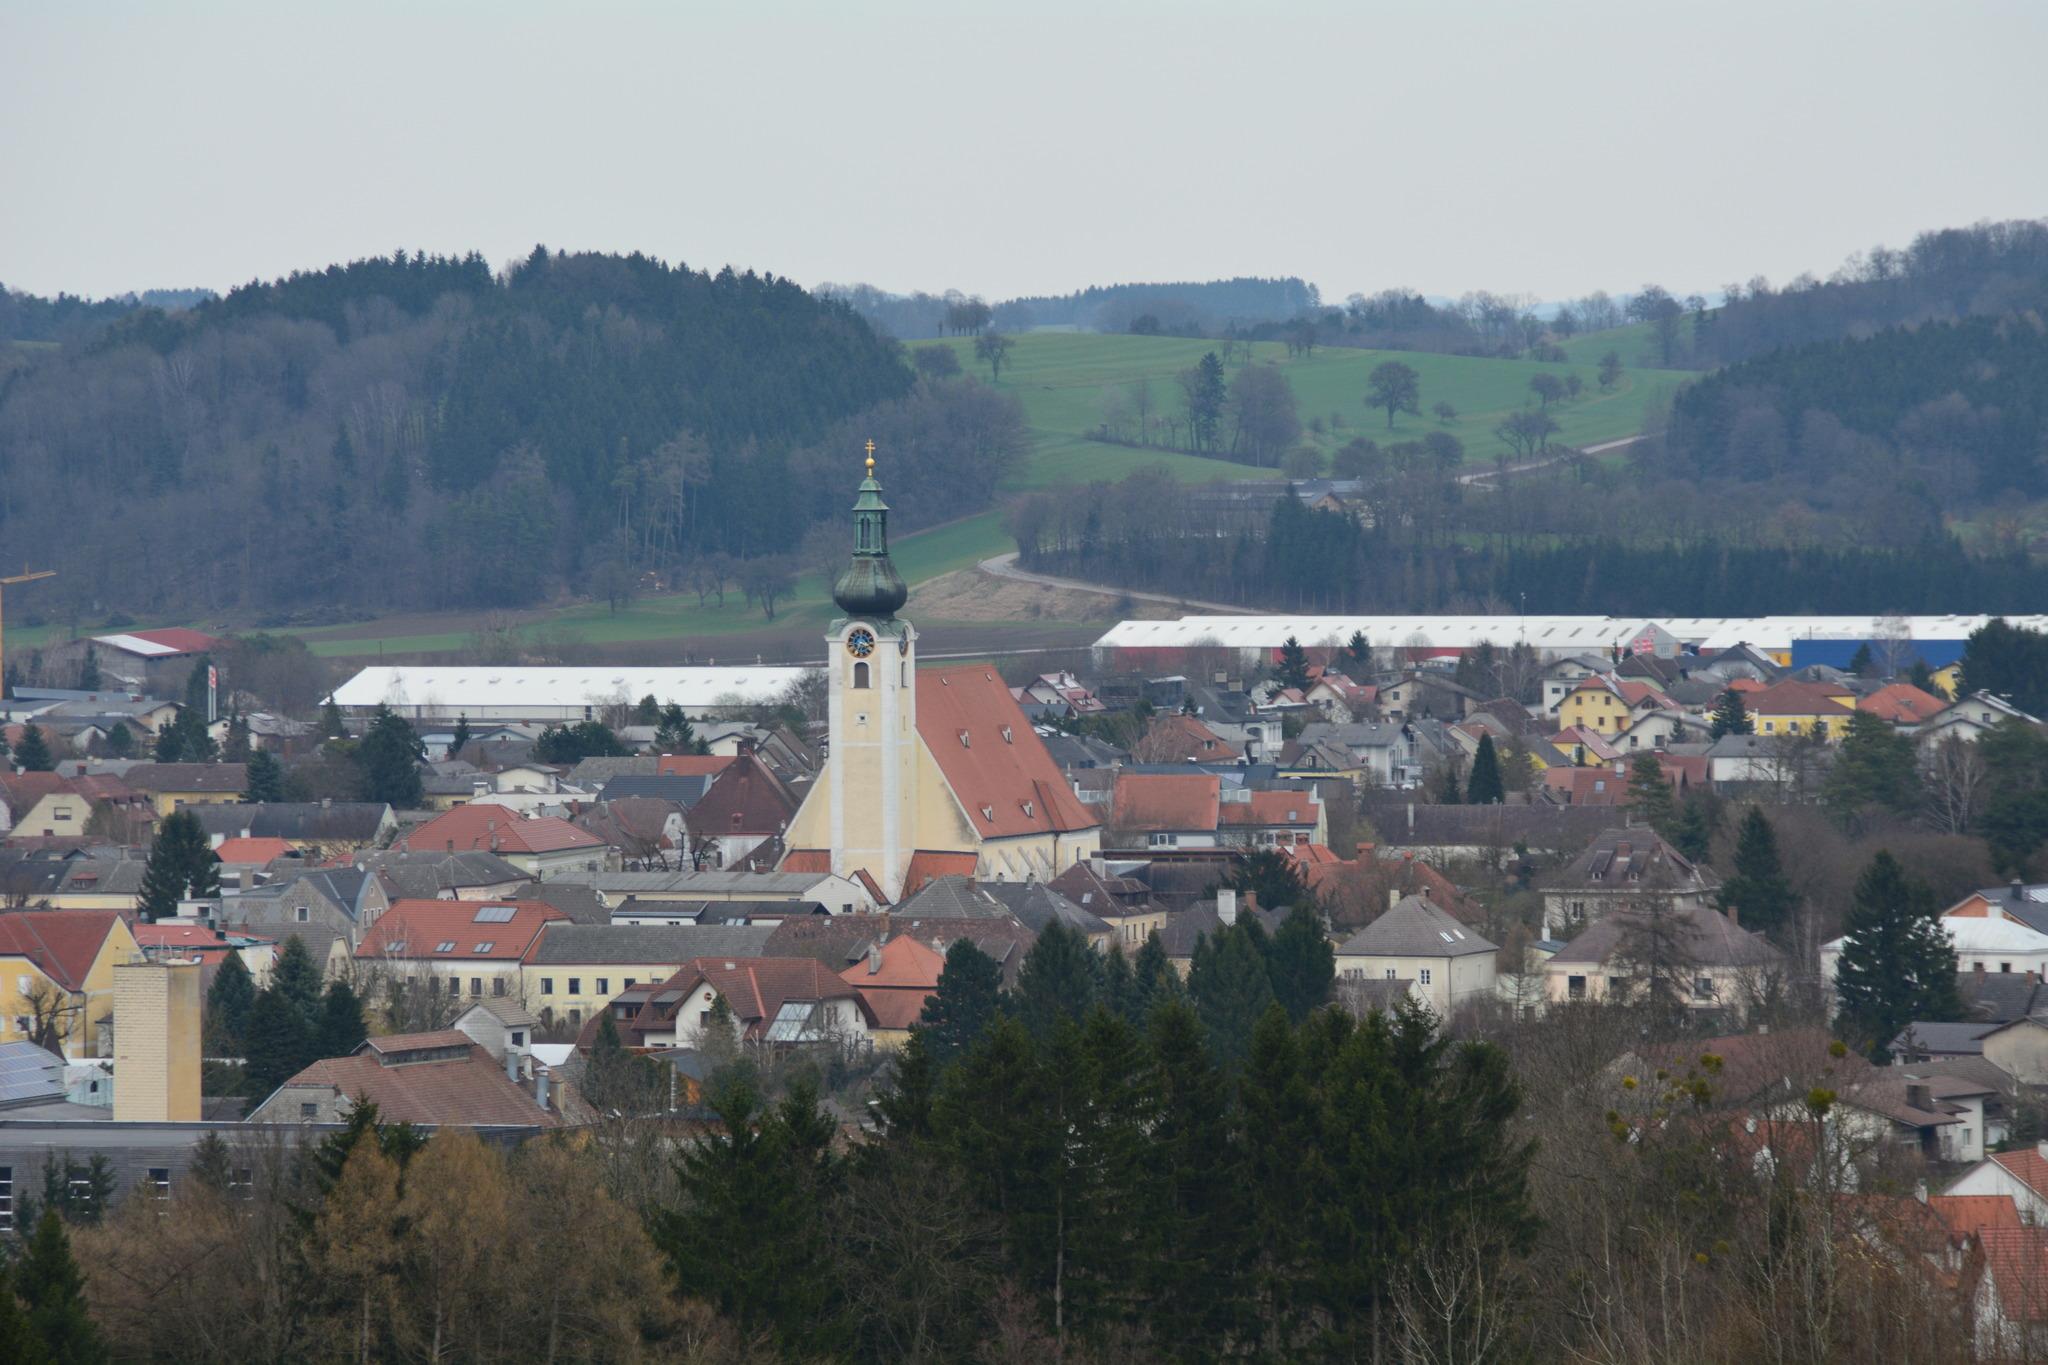 Kontaktanzeigen Wieselburg | Locanto Dating Wieselburg